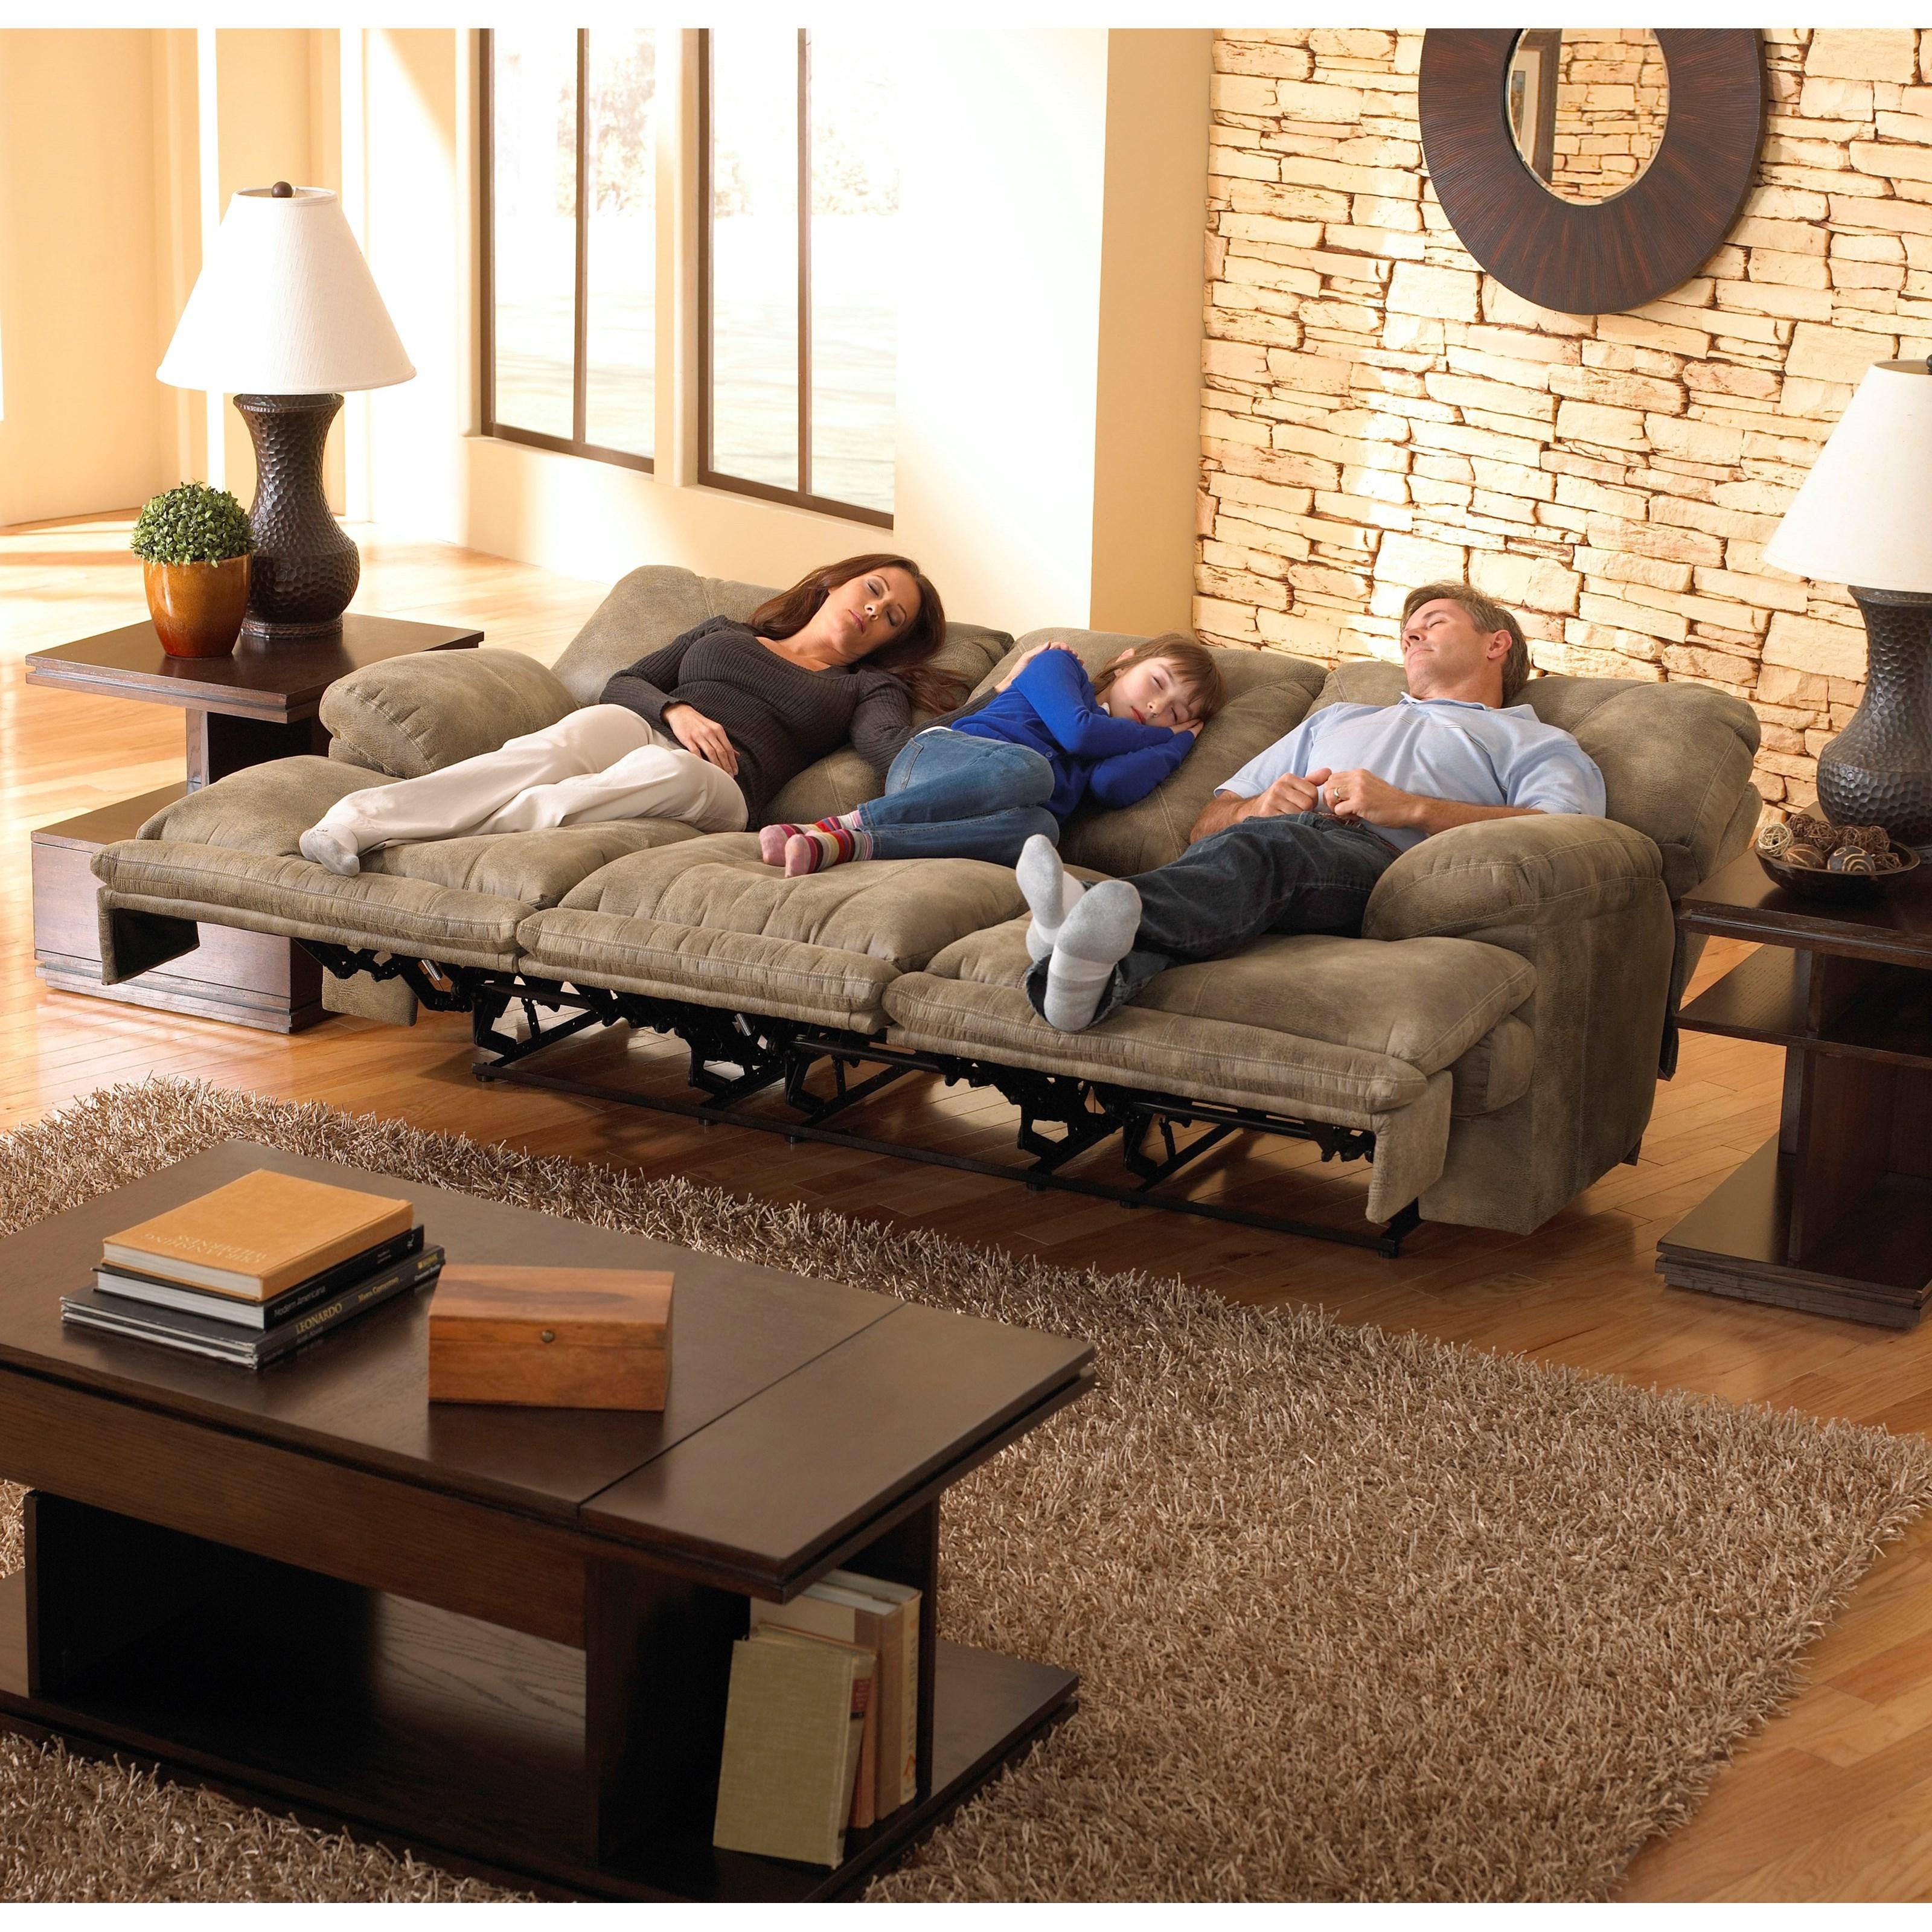 Catnapper Voyager 43845 3 Seat Quot Lay Flat Quot Reclining Sofa